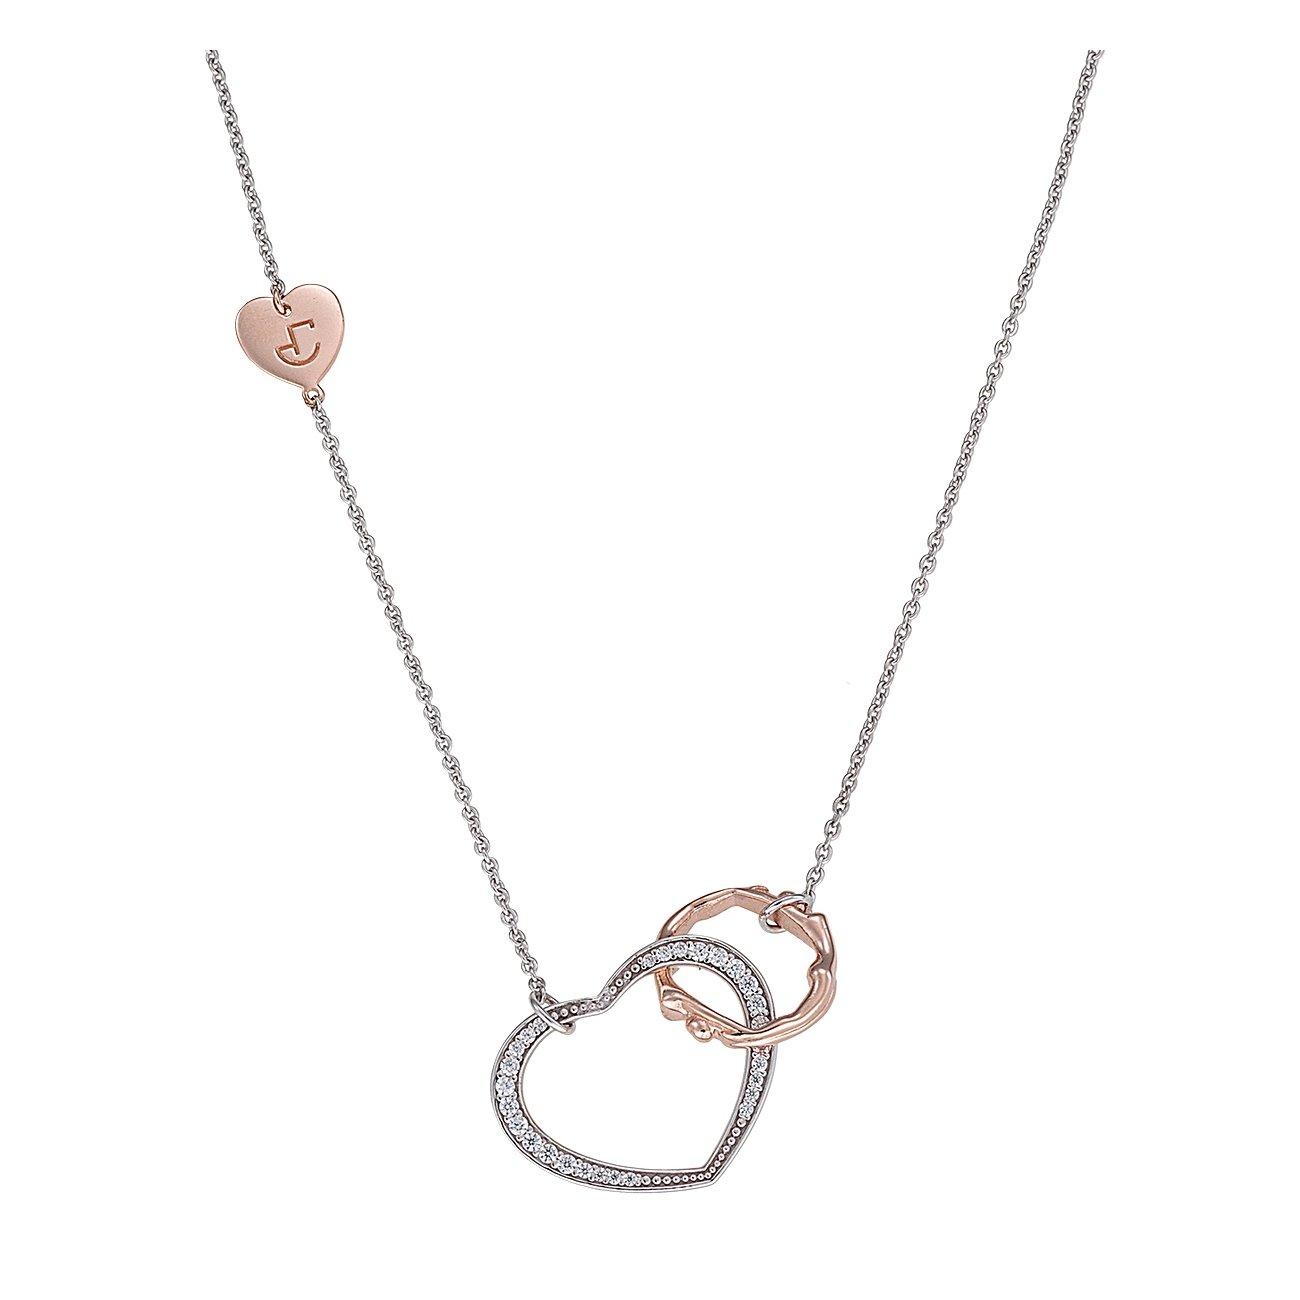 Collier Jourdan Bijoux Valentine en argent, plaqué or rose et oxyde de zirconium